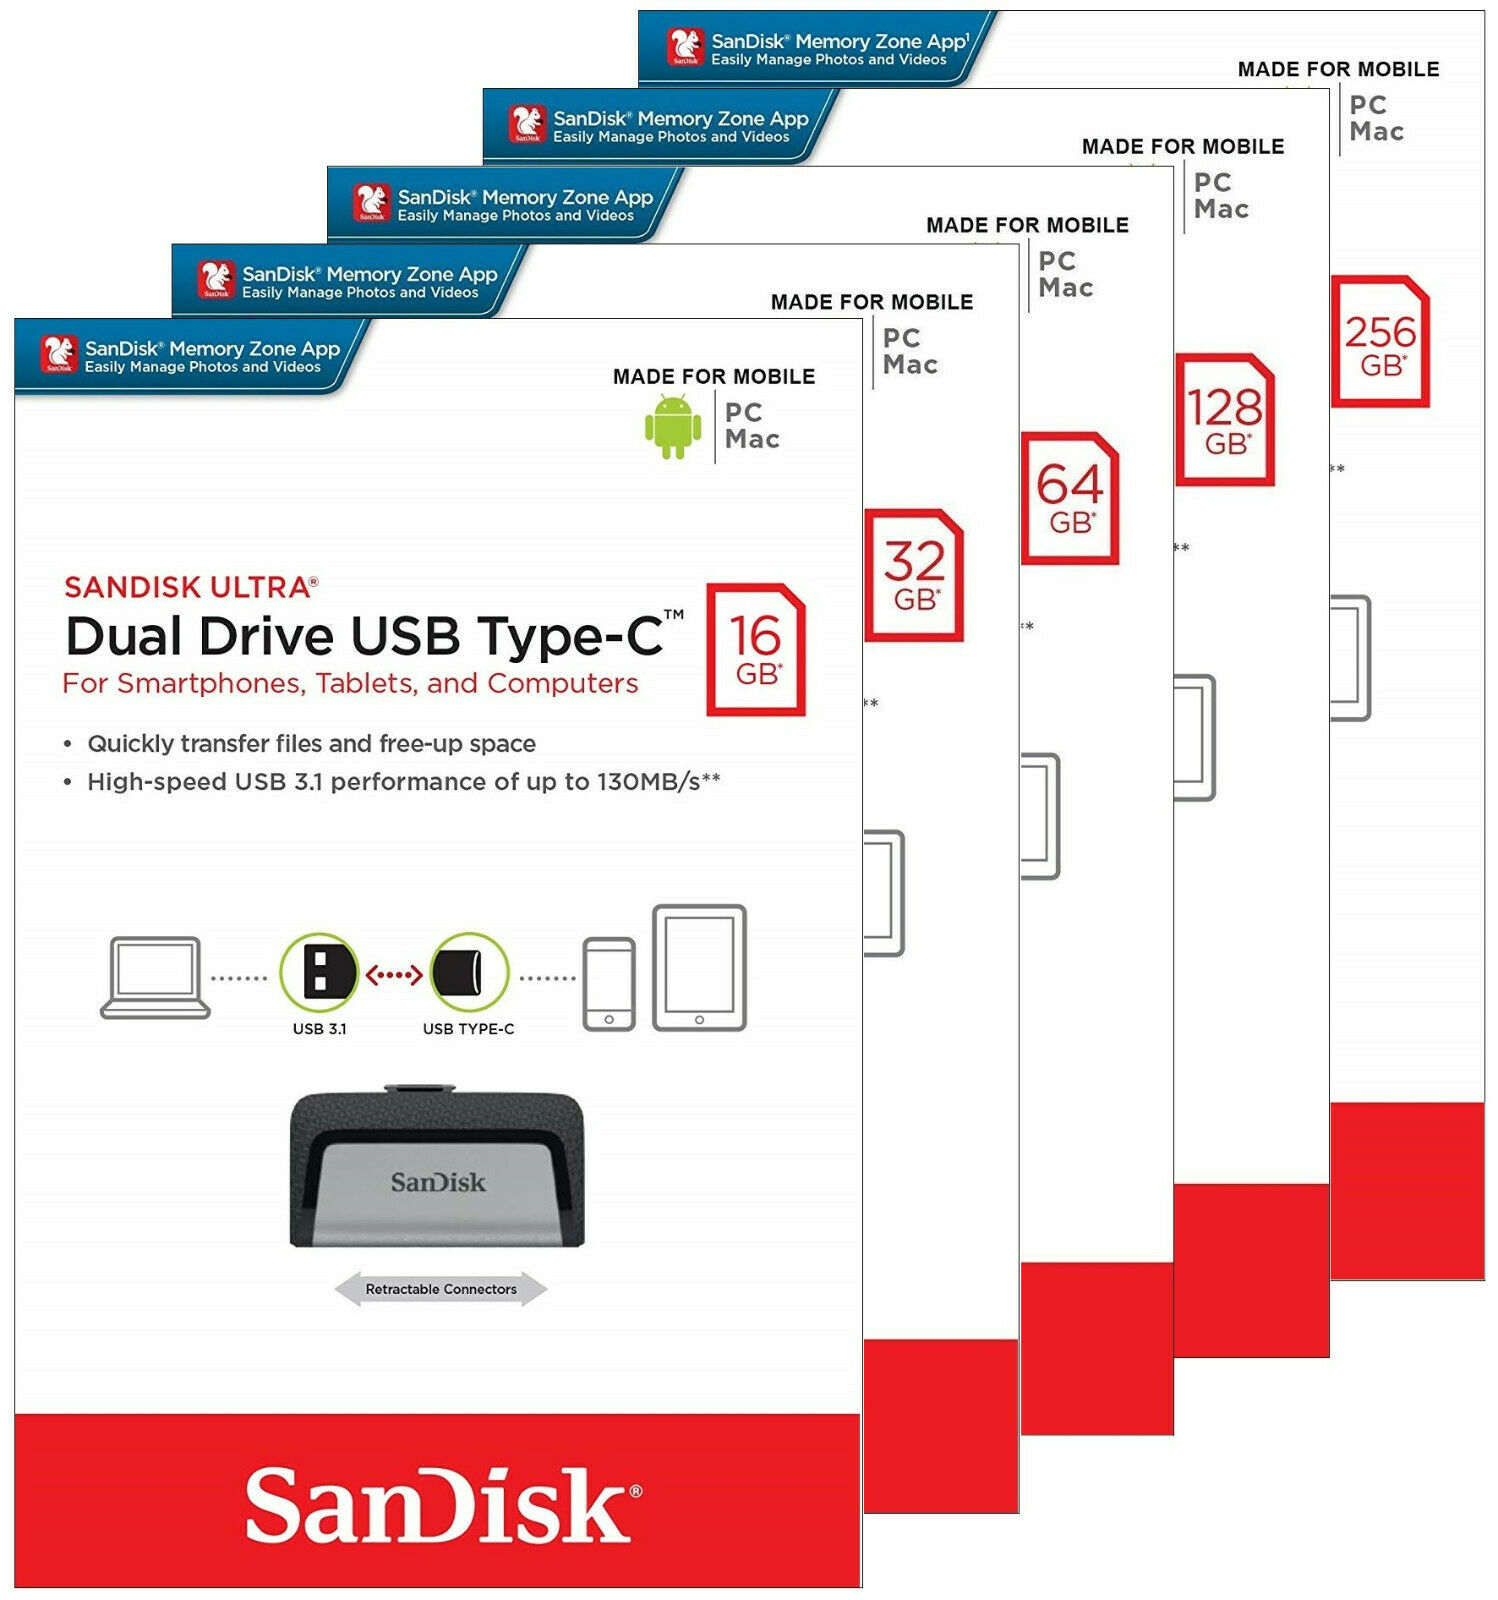 как выглядит SanDisk Ultra Dual TYPE C 16GB 32GB 64GB 128GB 256GB USB 3.1 Flash Drive Lot фото